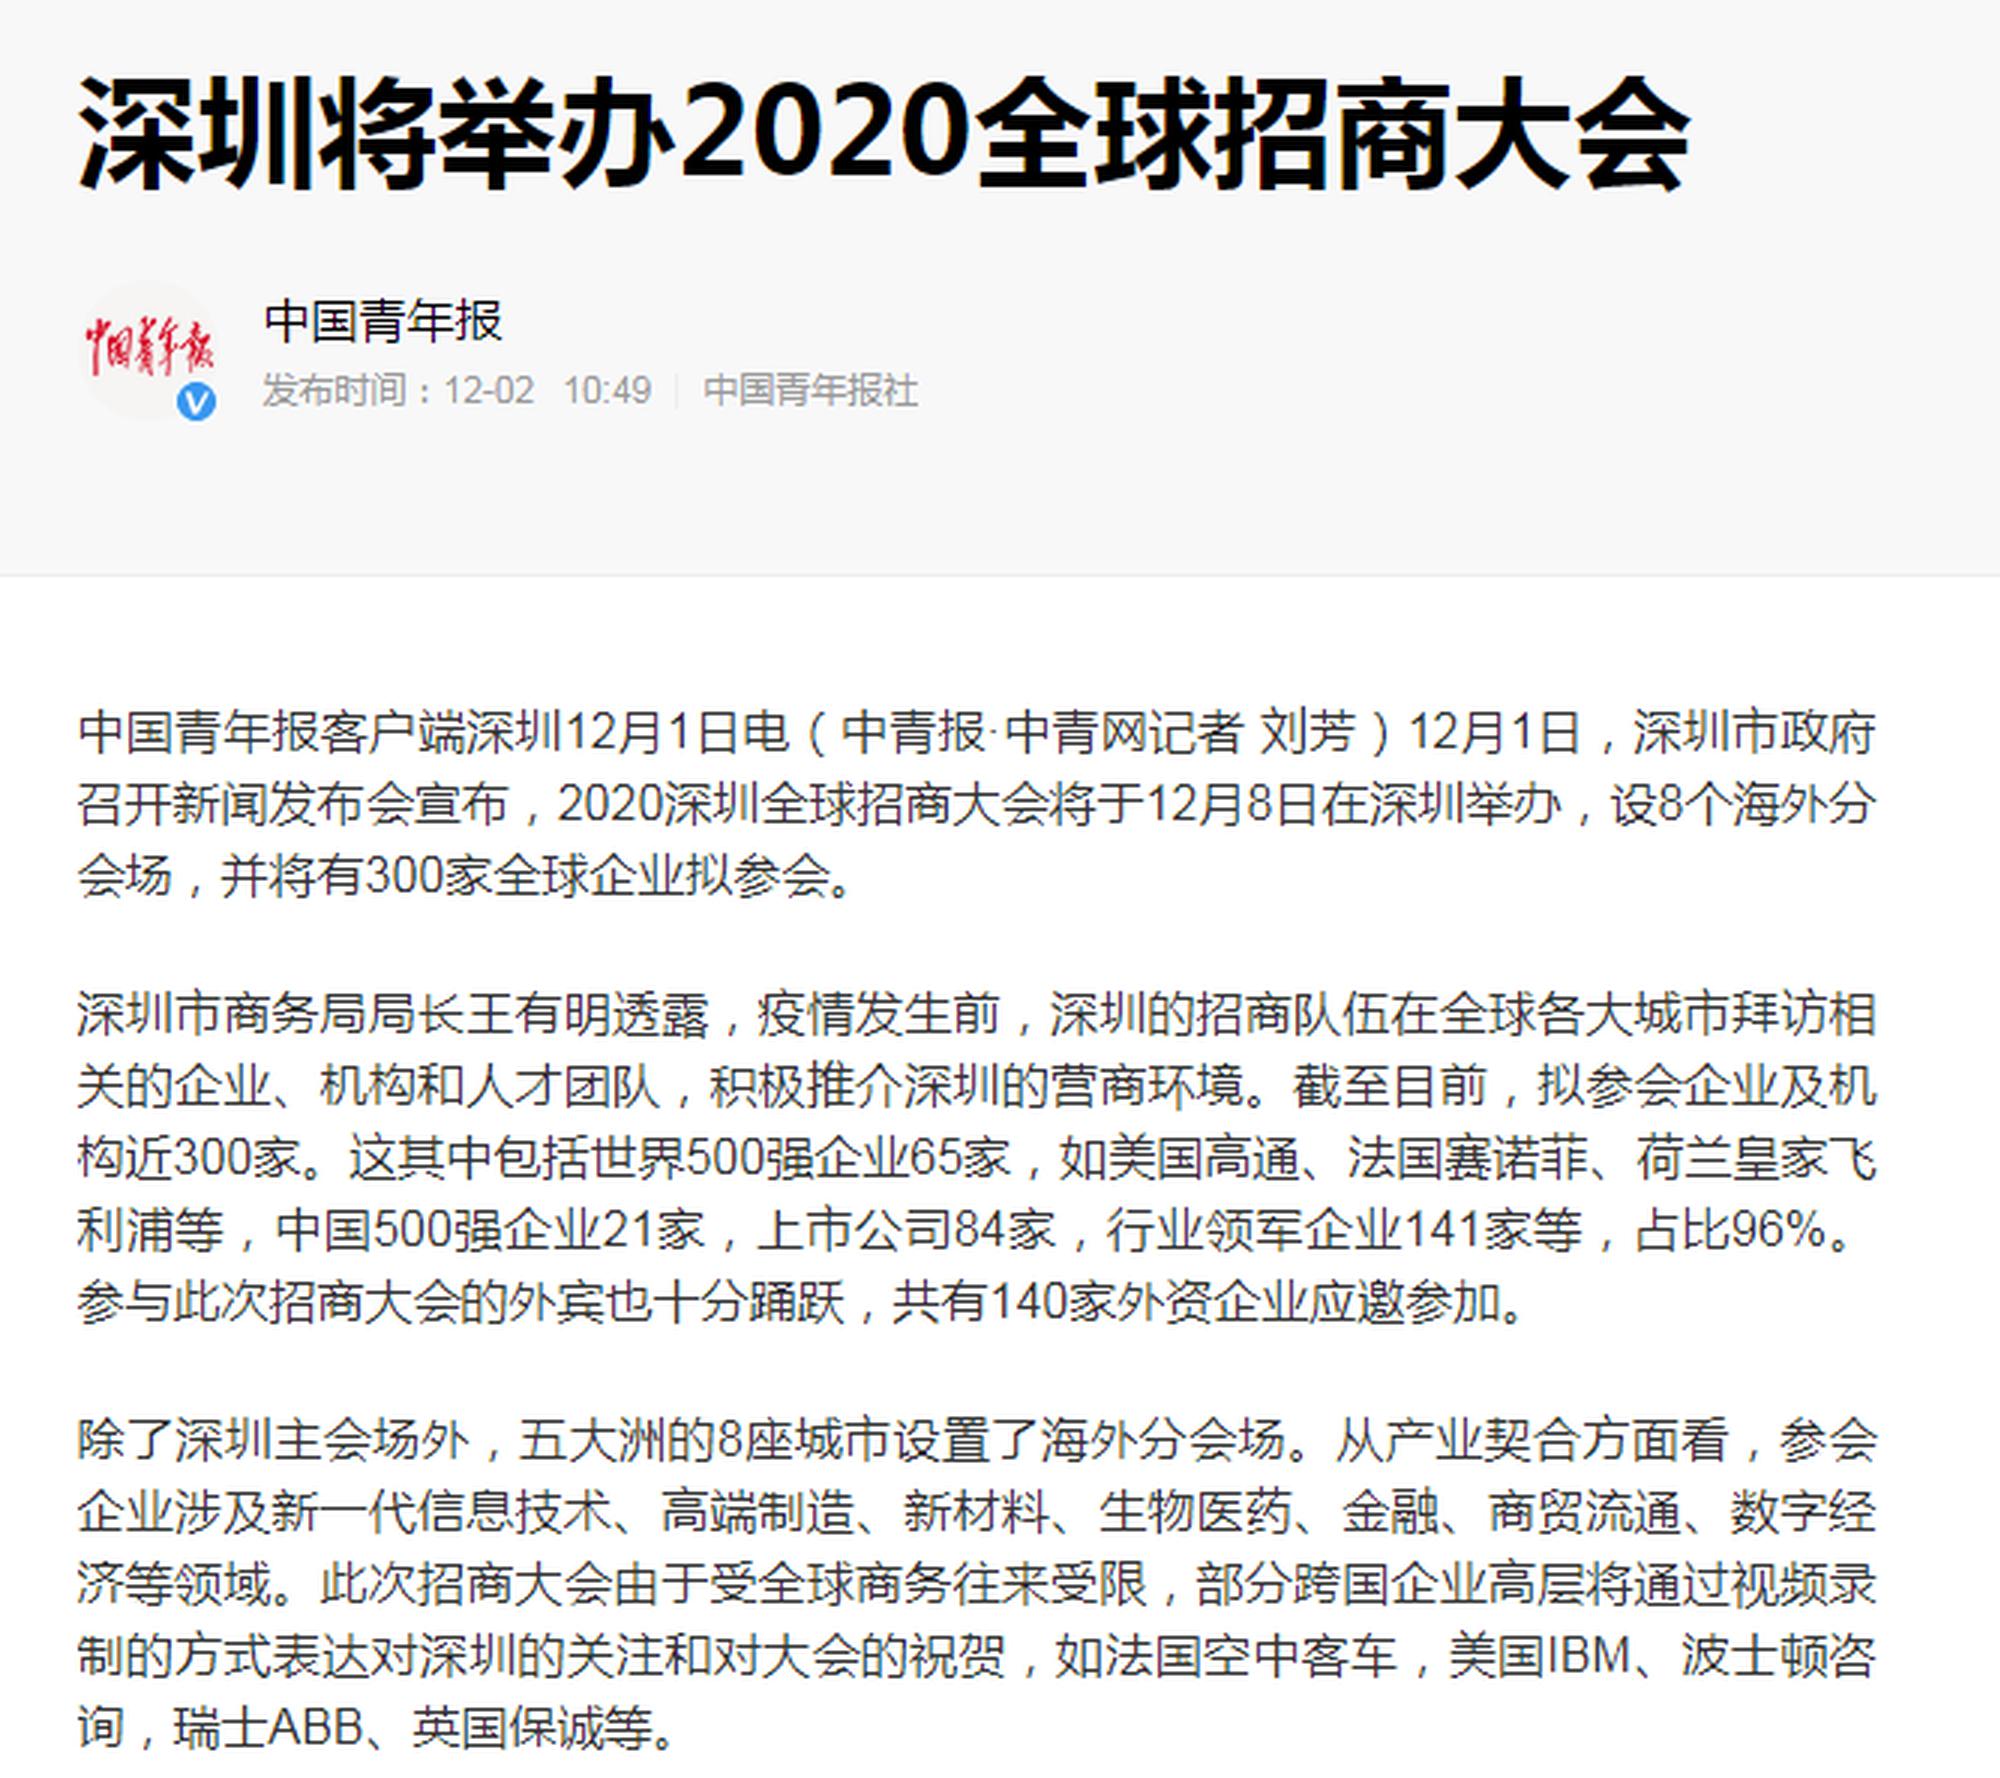 深圳将举办2020全球招商大会